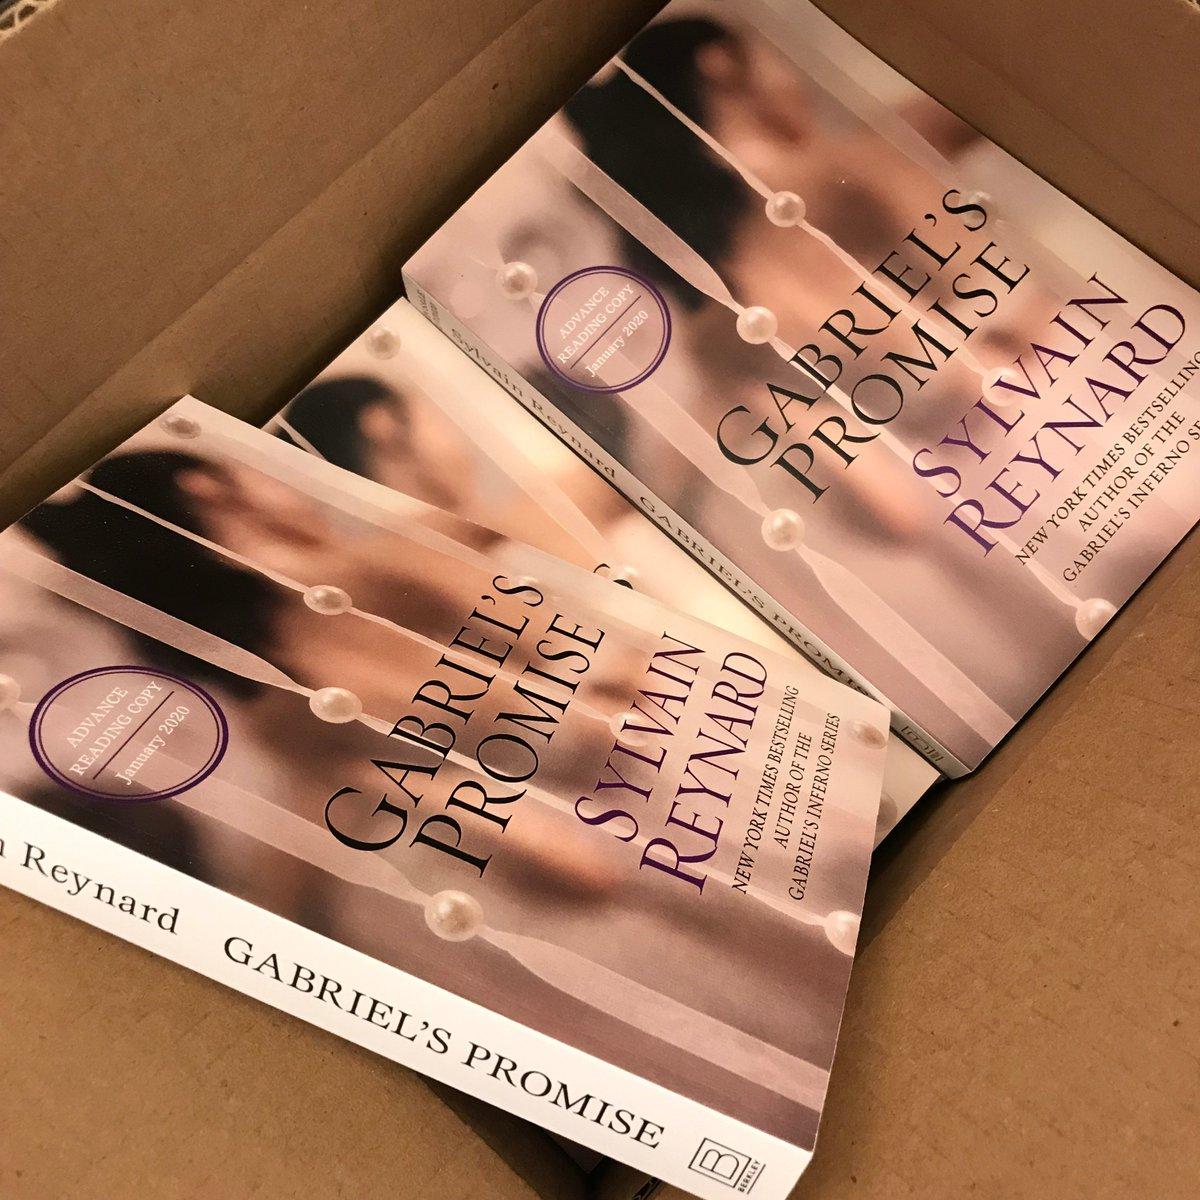 Gabriels Promise Book